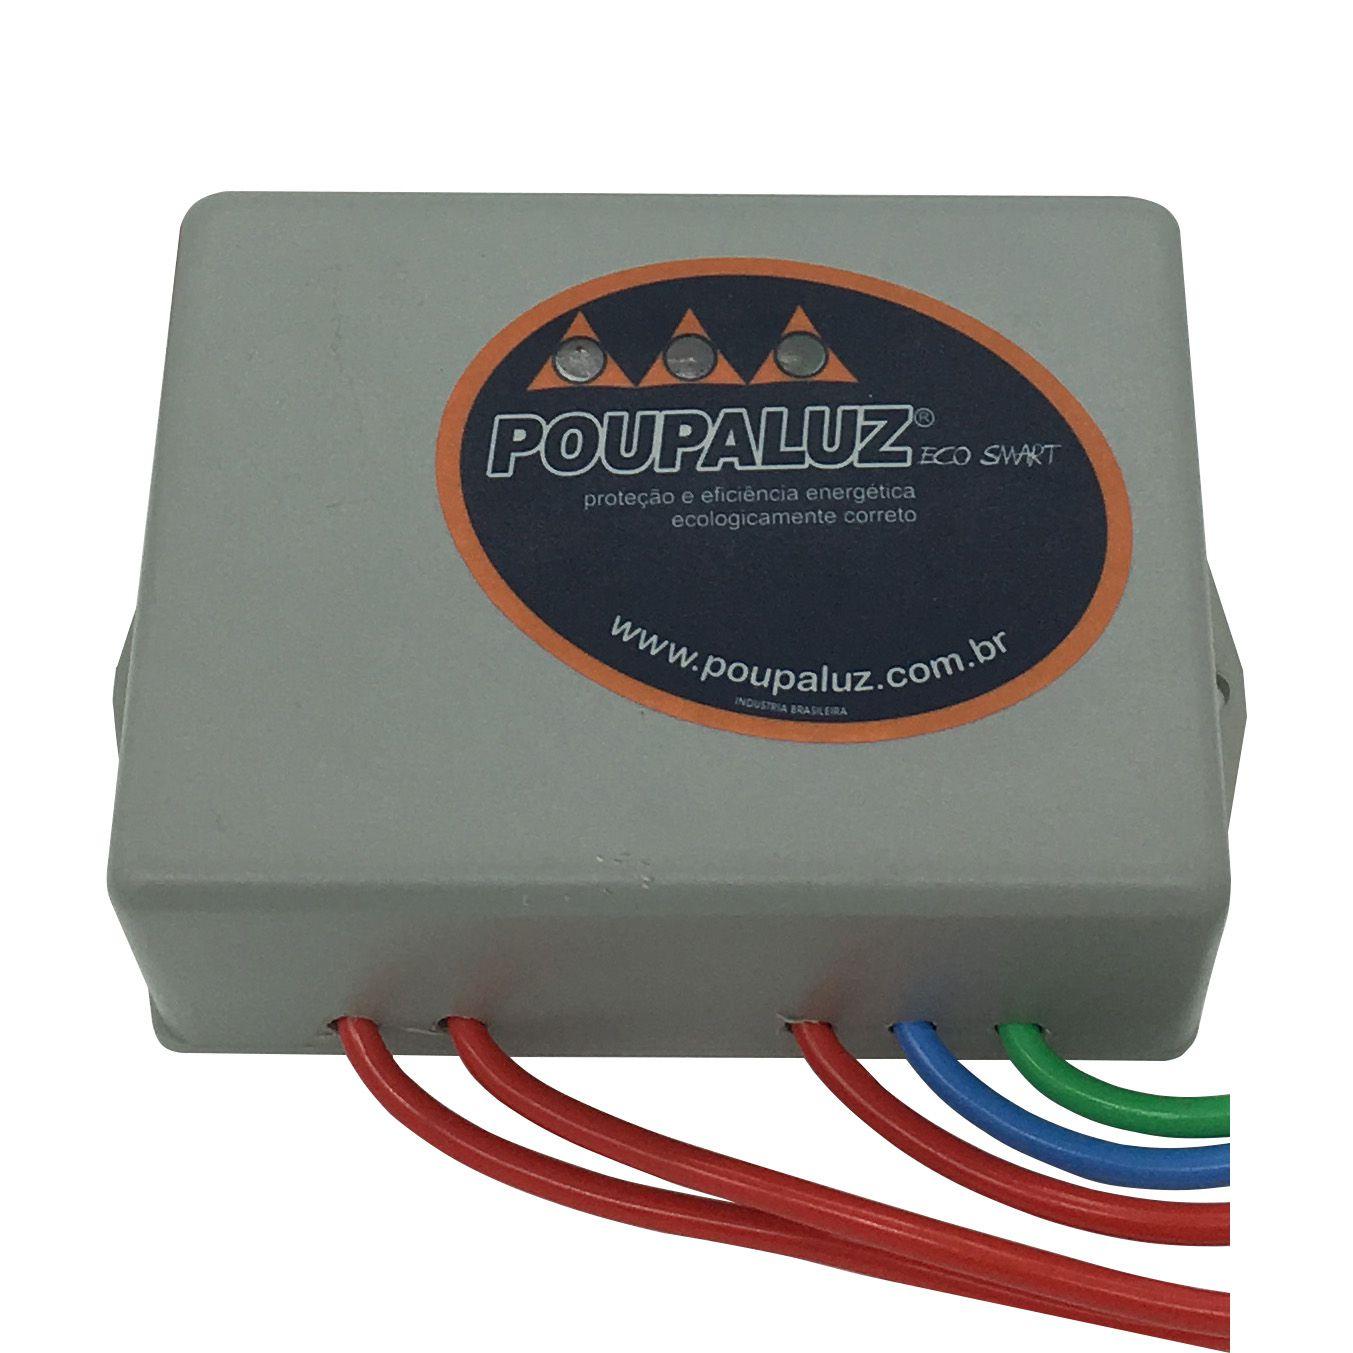 Filtro Capacitivo Trifásico Poupaluz - EcoSmart